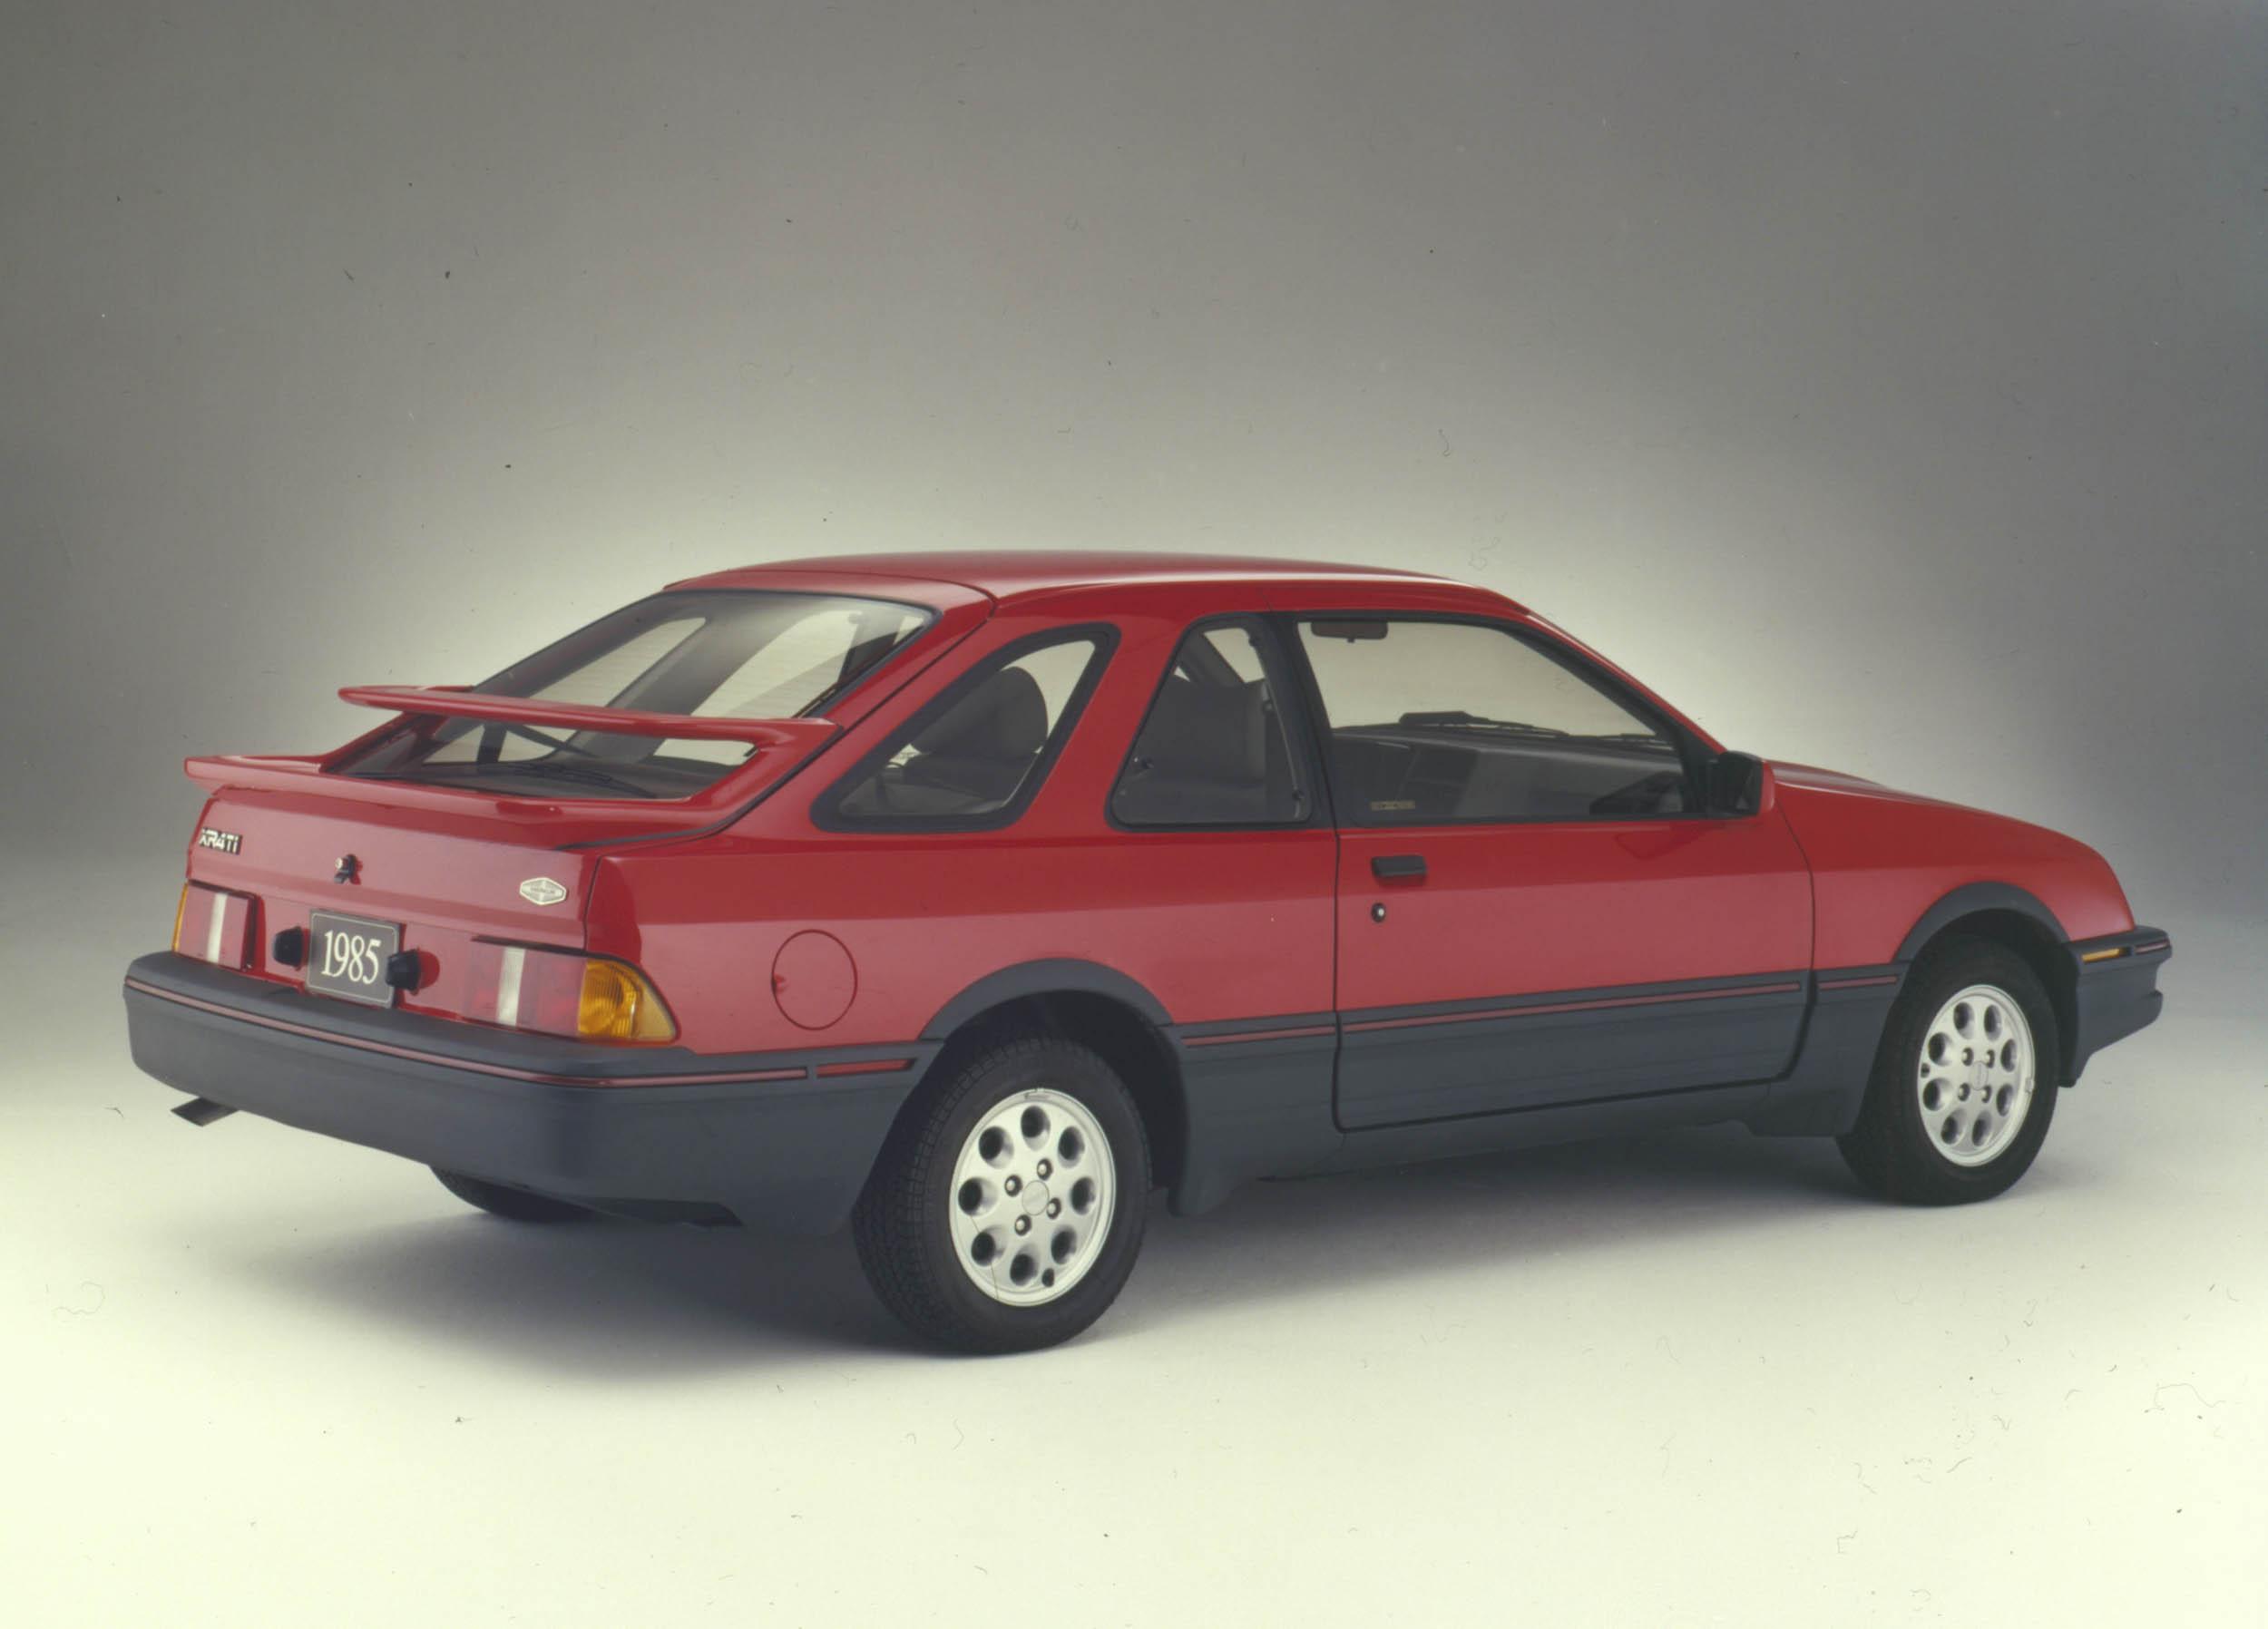 1985 Merkur XR4ti rear 3/4